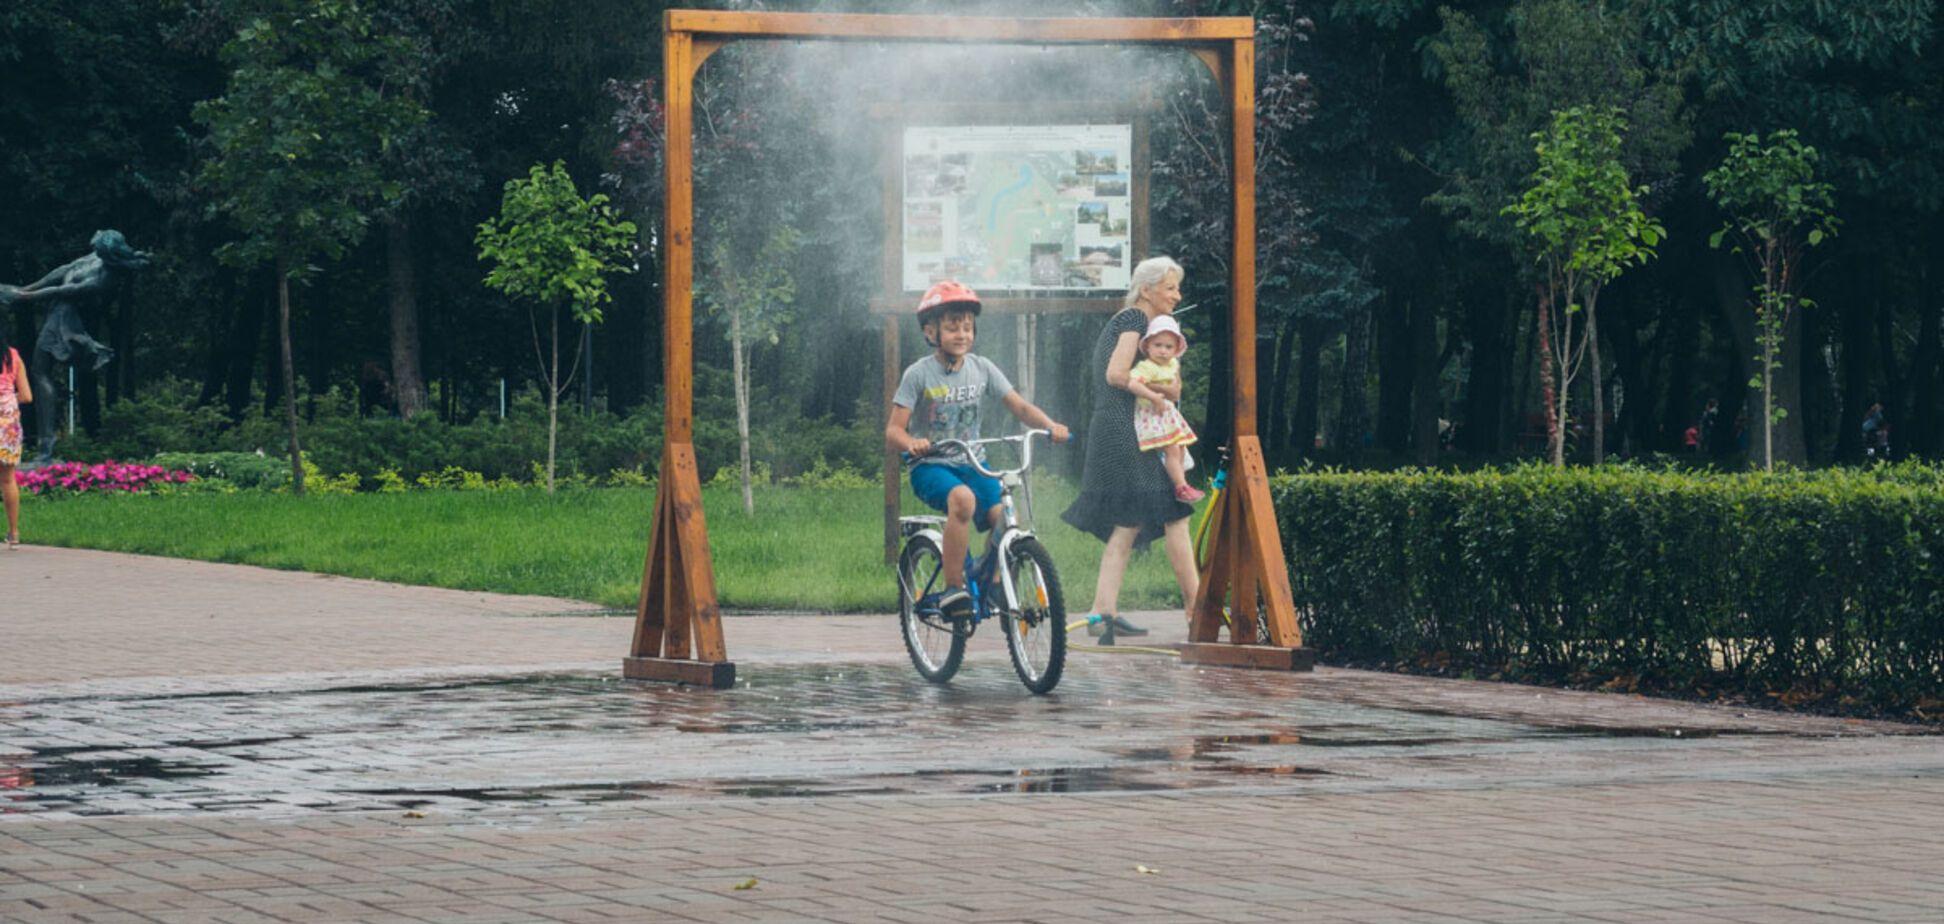 Ремонт за 38 миллионов: как сейчас выглядит парк 'Отрадный' в Киеве